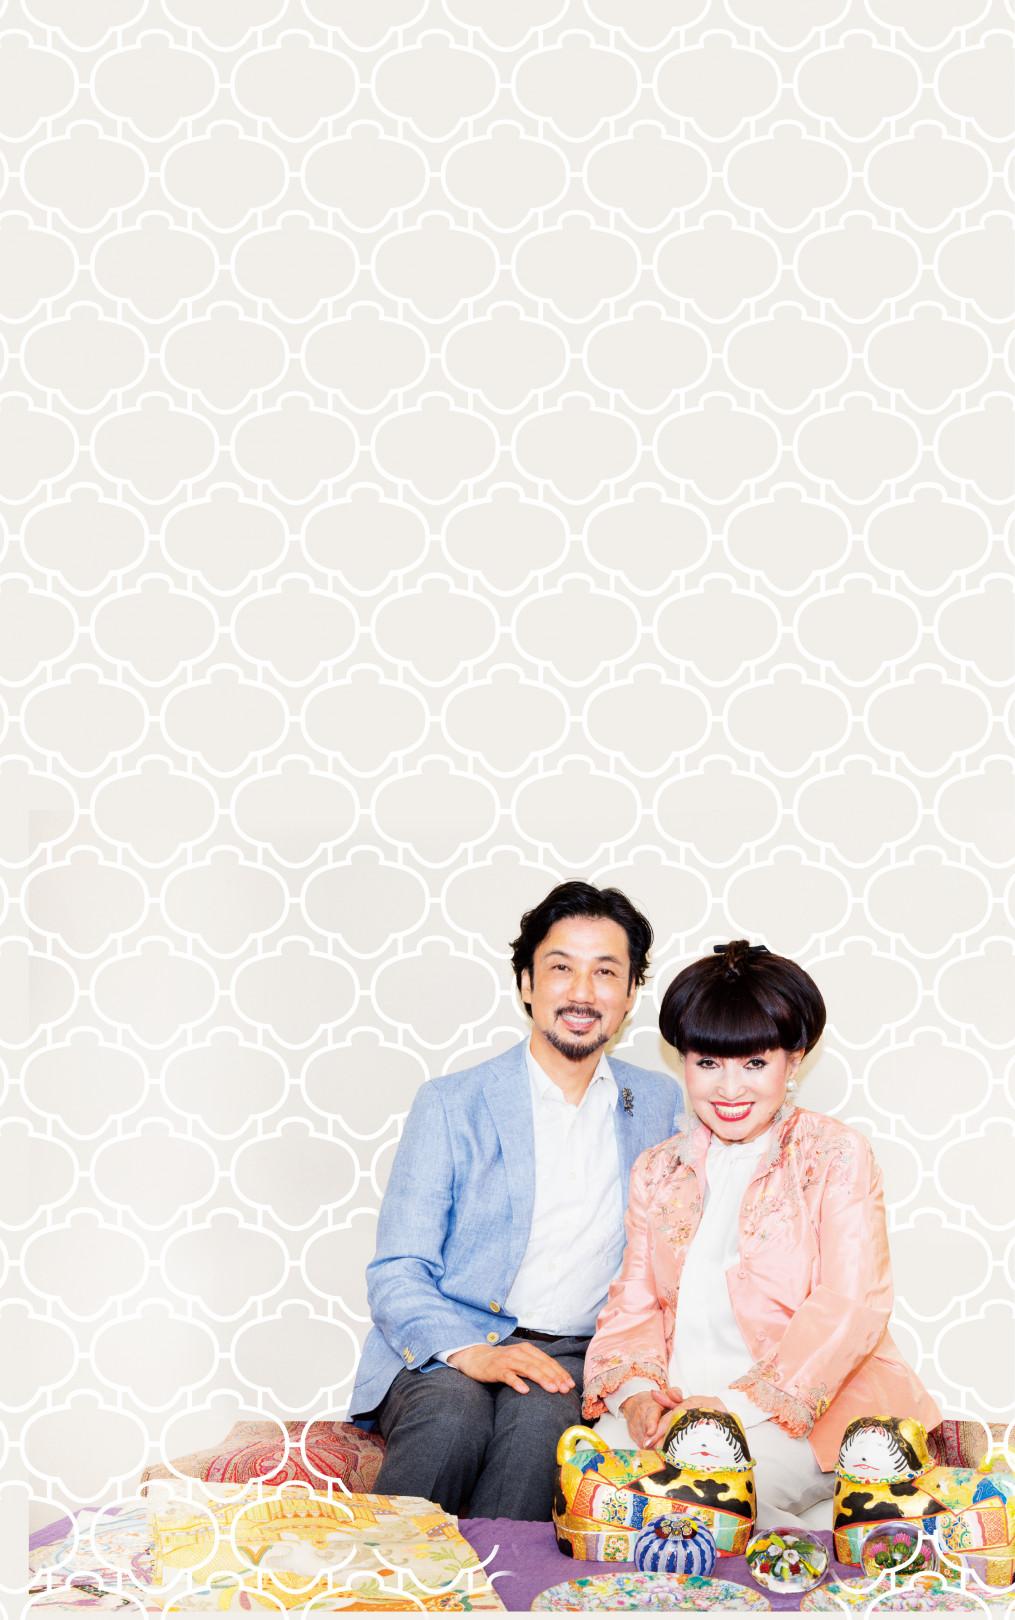 黒柳徹子×田川啓二、数十年に渡る珠玉のコレクション! 横浜髙島屋ギャラリーにて展示